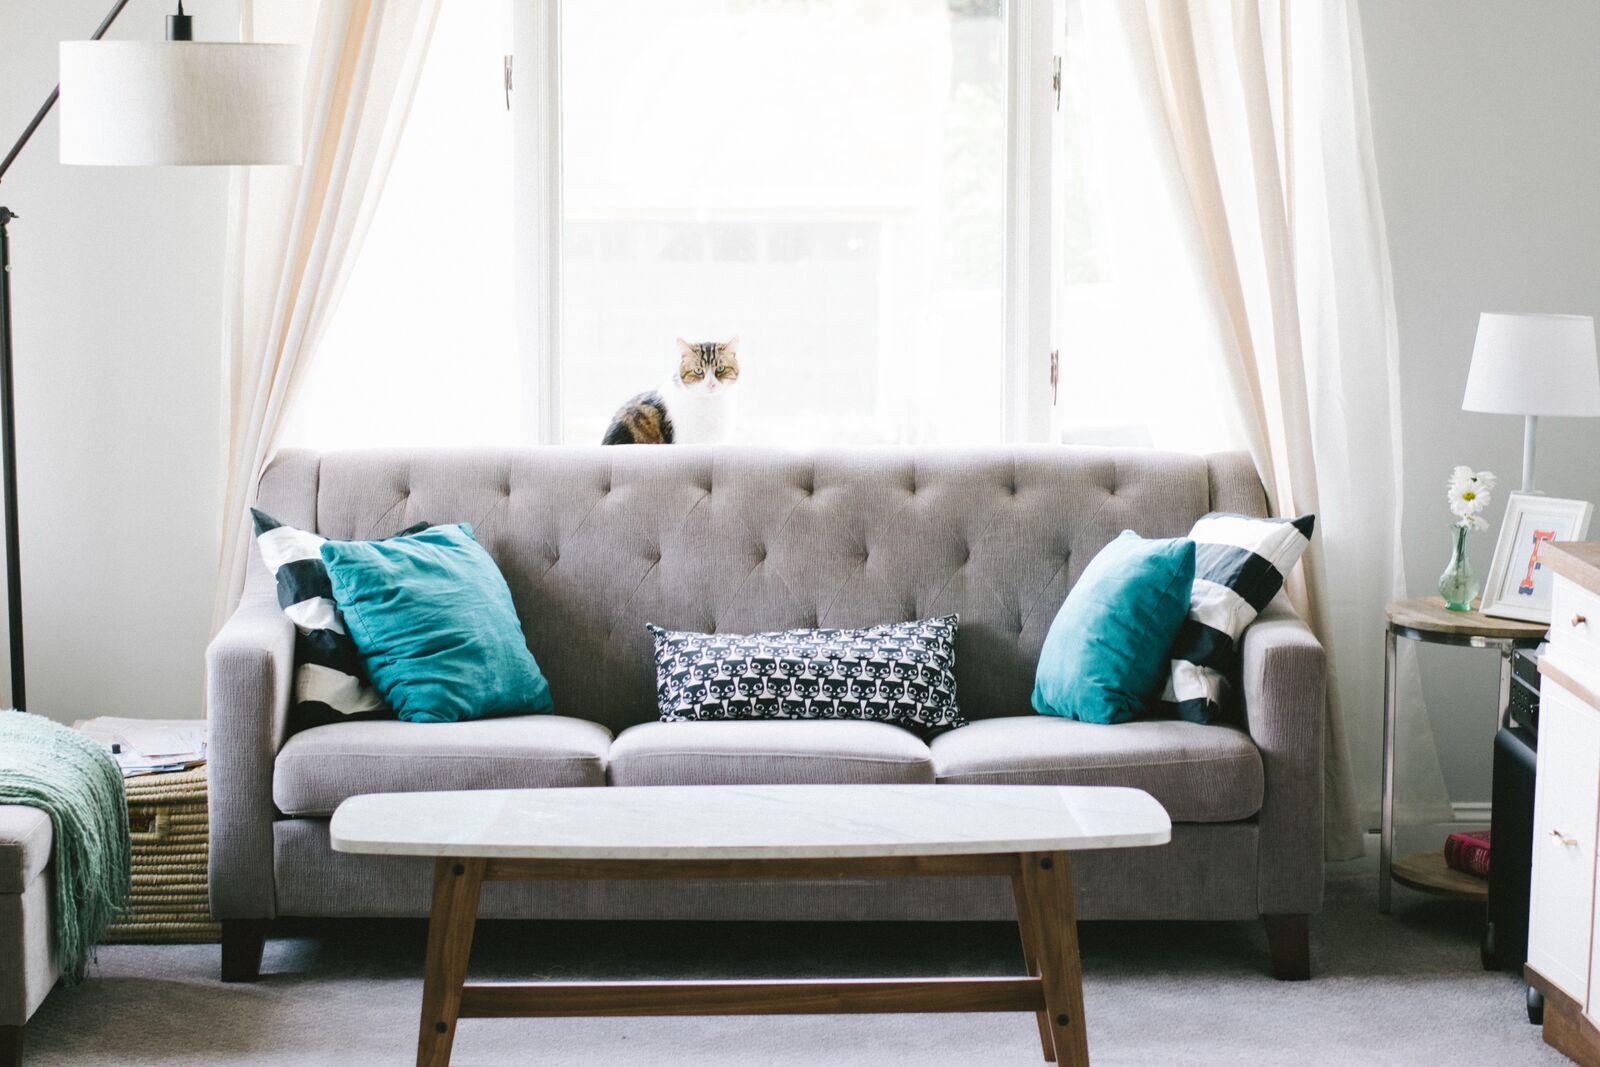 Un salon lumineux avec au centre un canapé gris et un chat